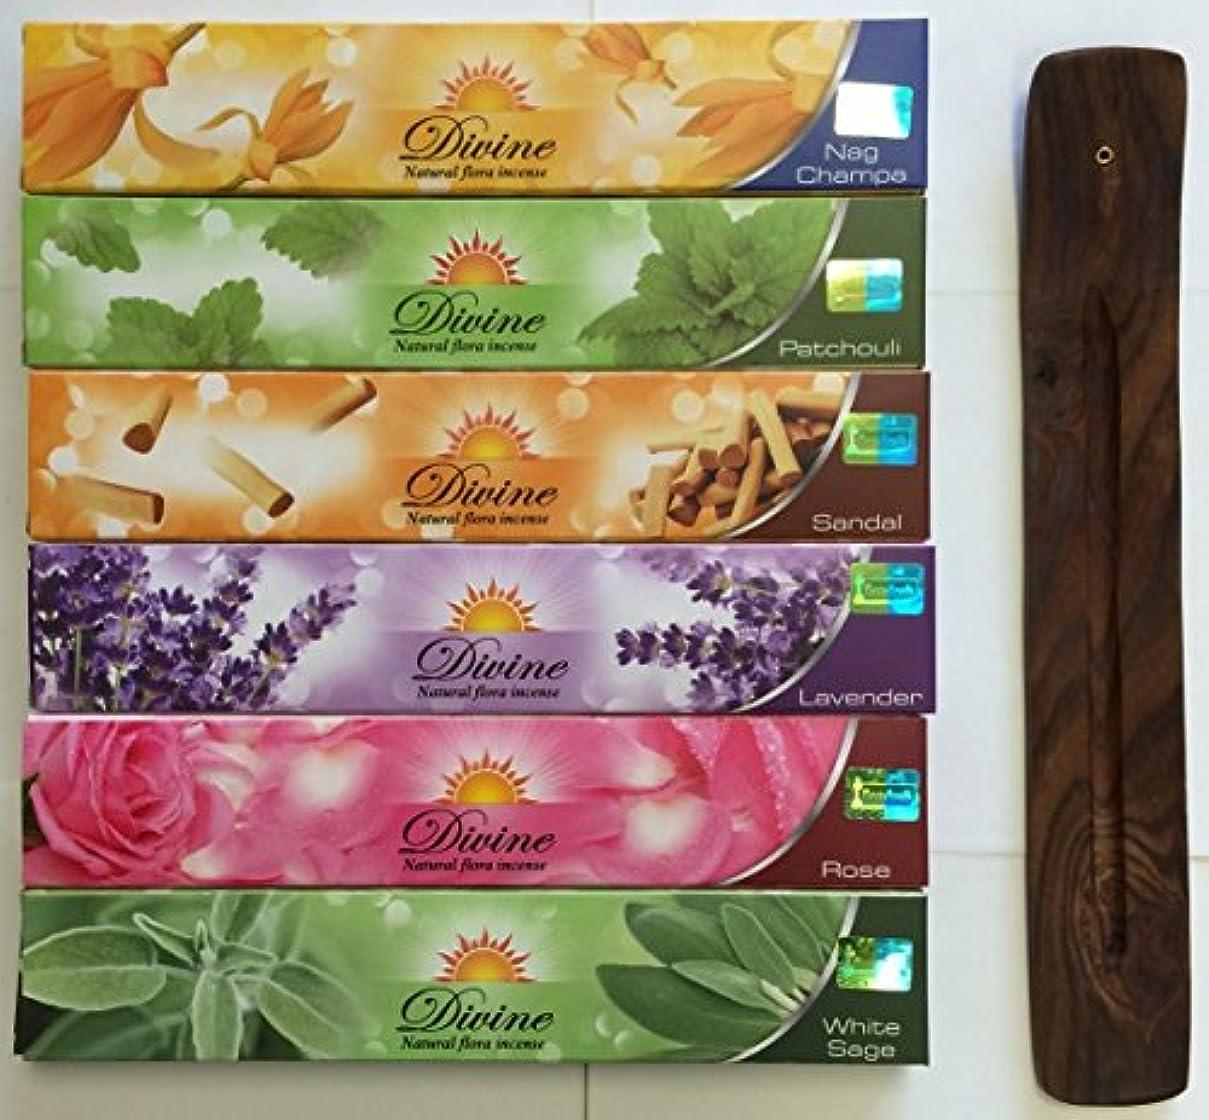 素晴らしい入場暴力的なGift Set of 6 Nag Champa Sandalwood Patchouli Rose Lavender and White Sage Incense Kit(incense Holder Included...